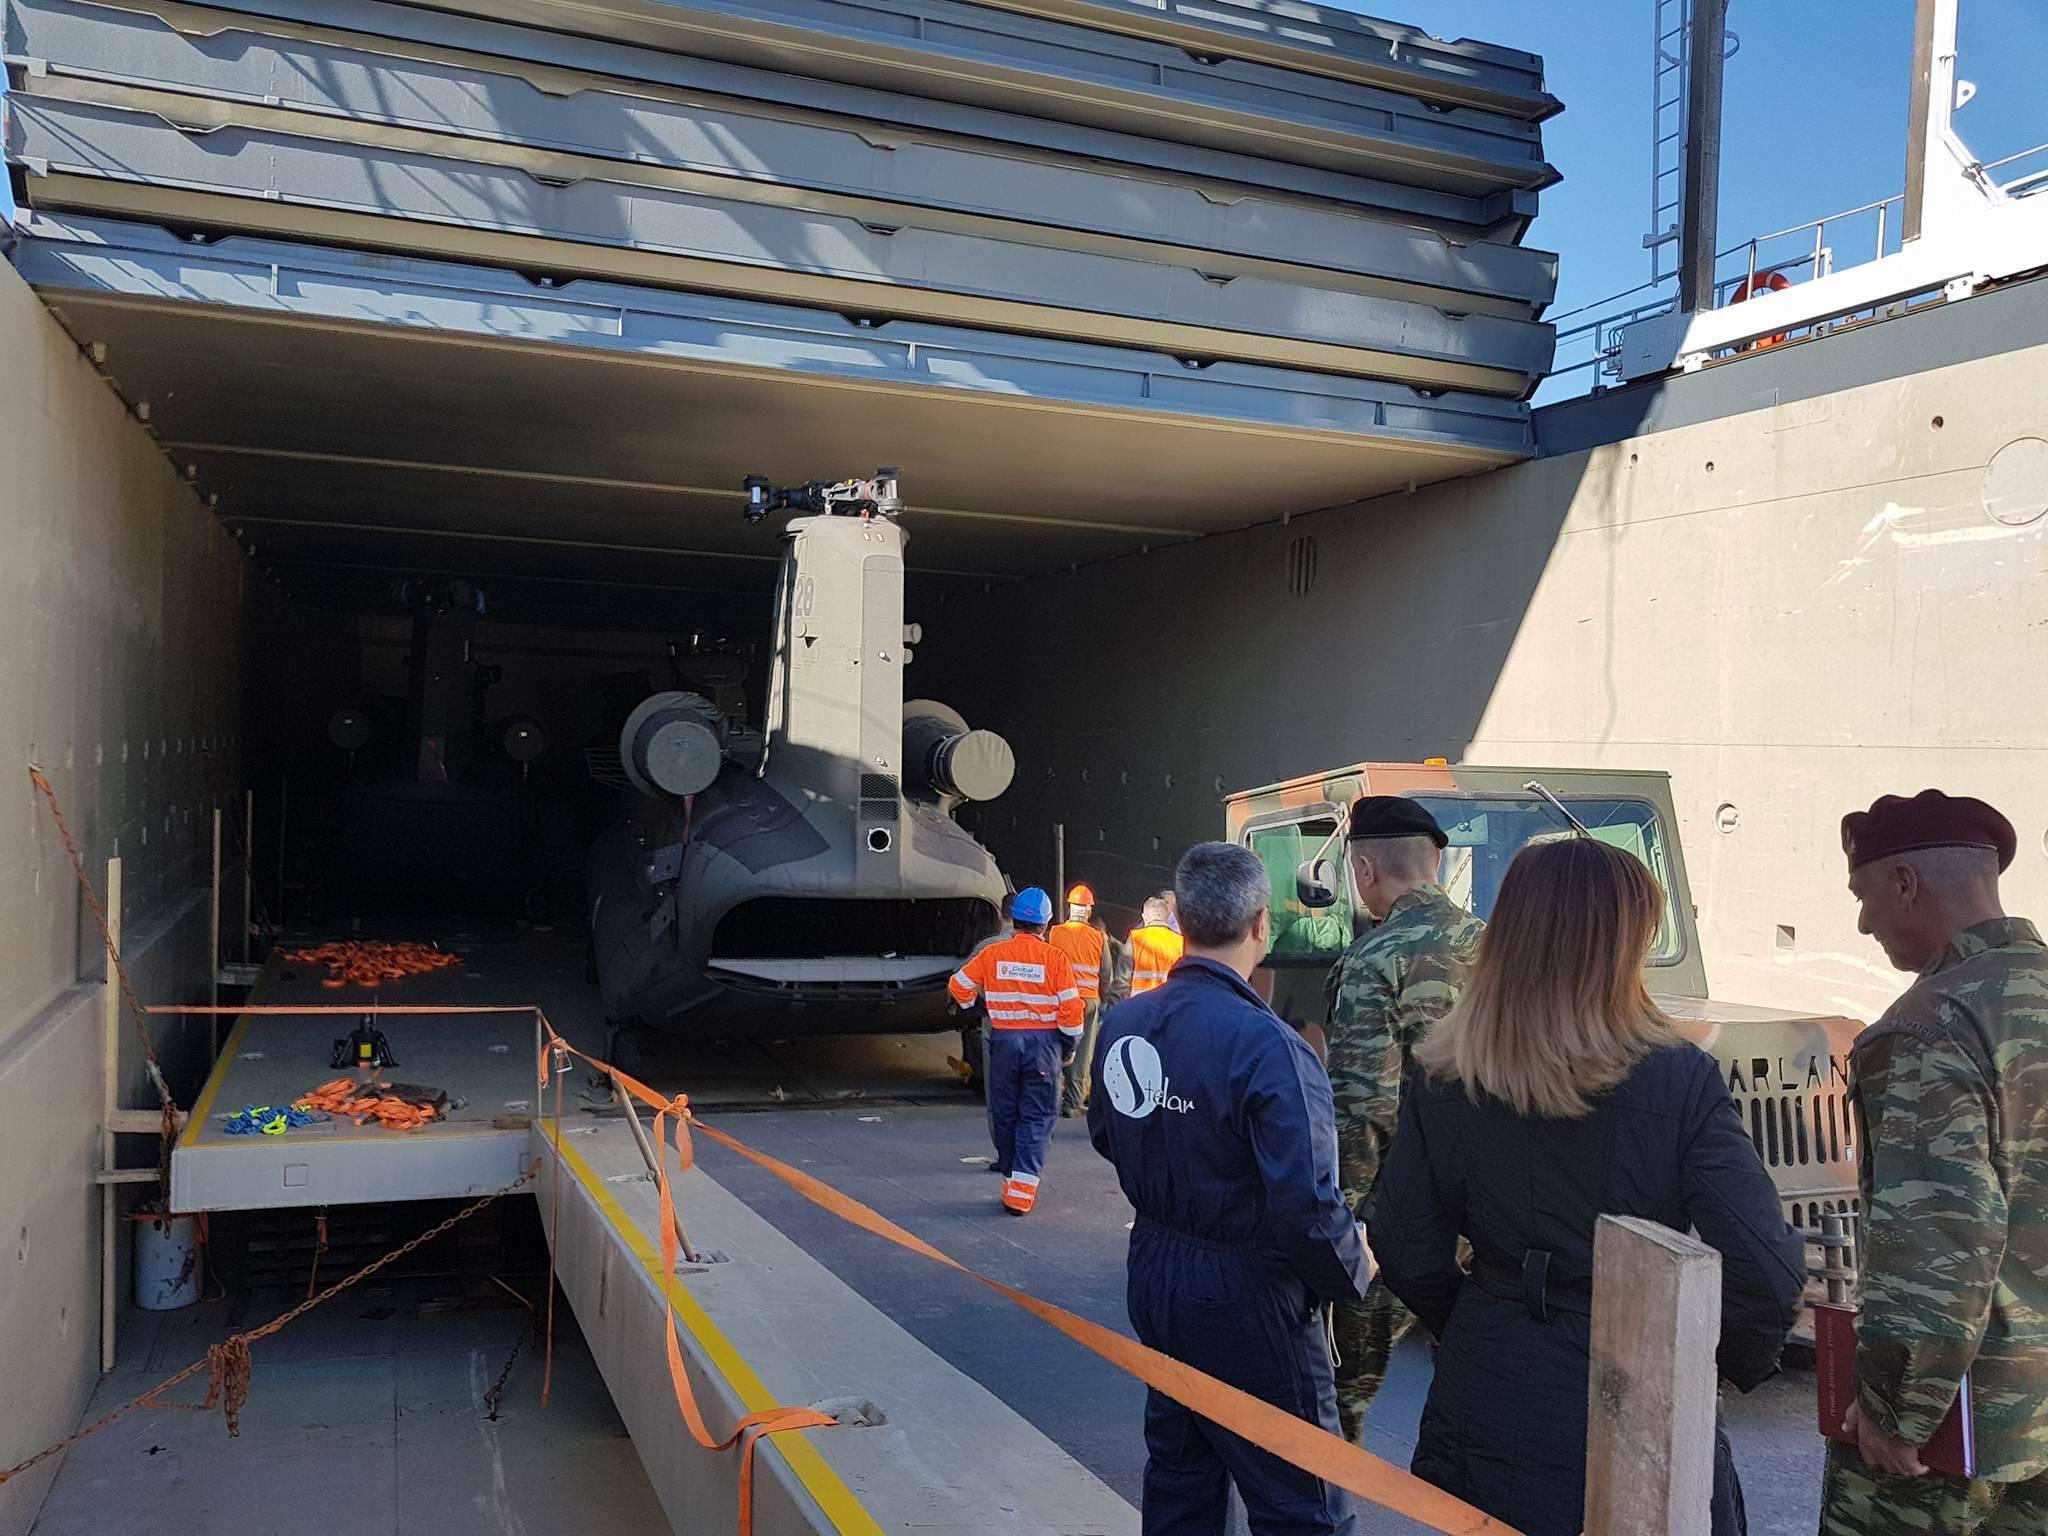 ΗΠΑ σε Ελλάδα: «Επανεξοπλισμός εδώ και τώρα, μην χάνετε χρόνο» – Εφτασαν τα πρώτα CH-47D Chinook – Ακολουθούν OH-58D Kiowa Warrior - Εικόνα2